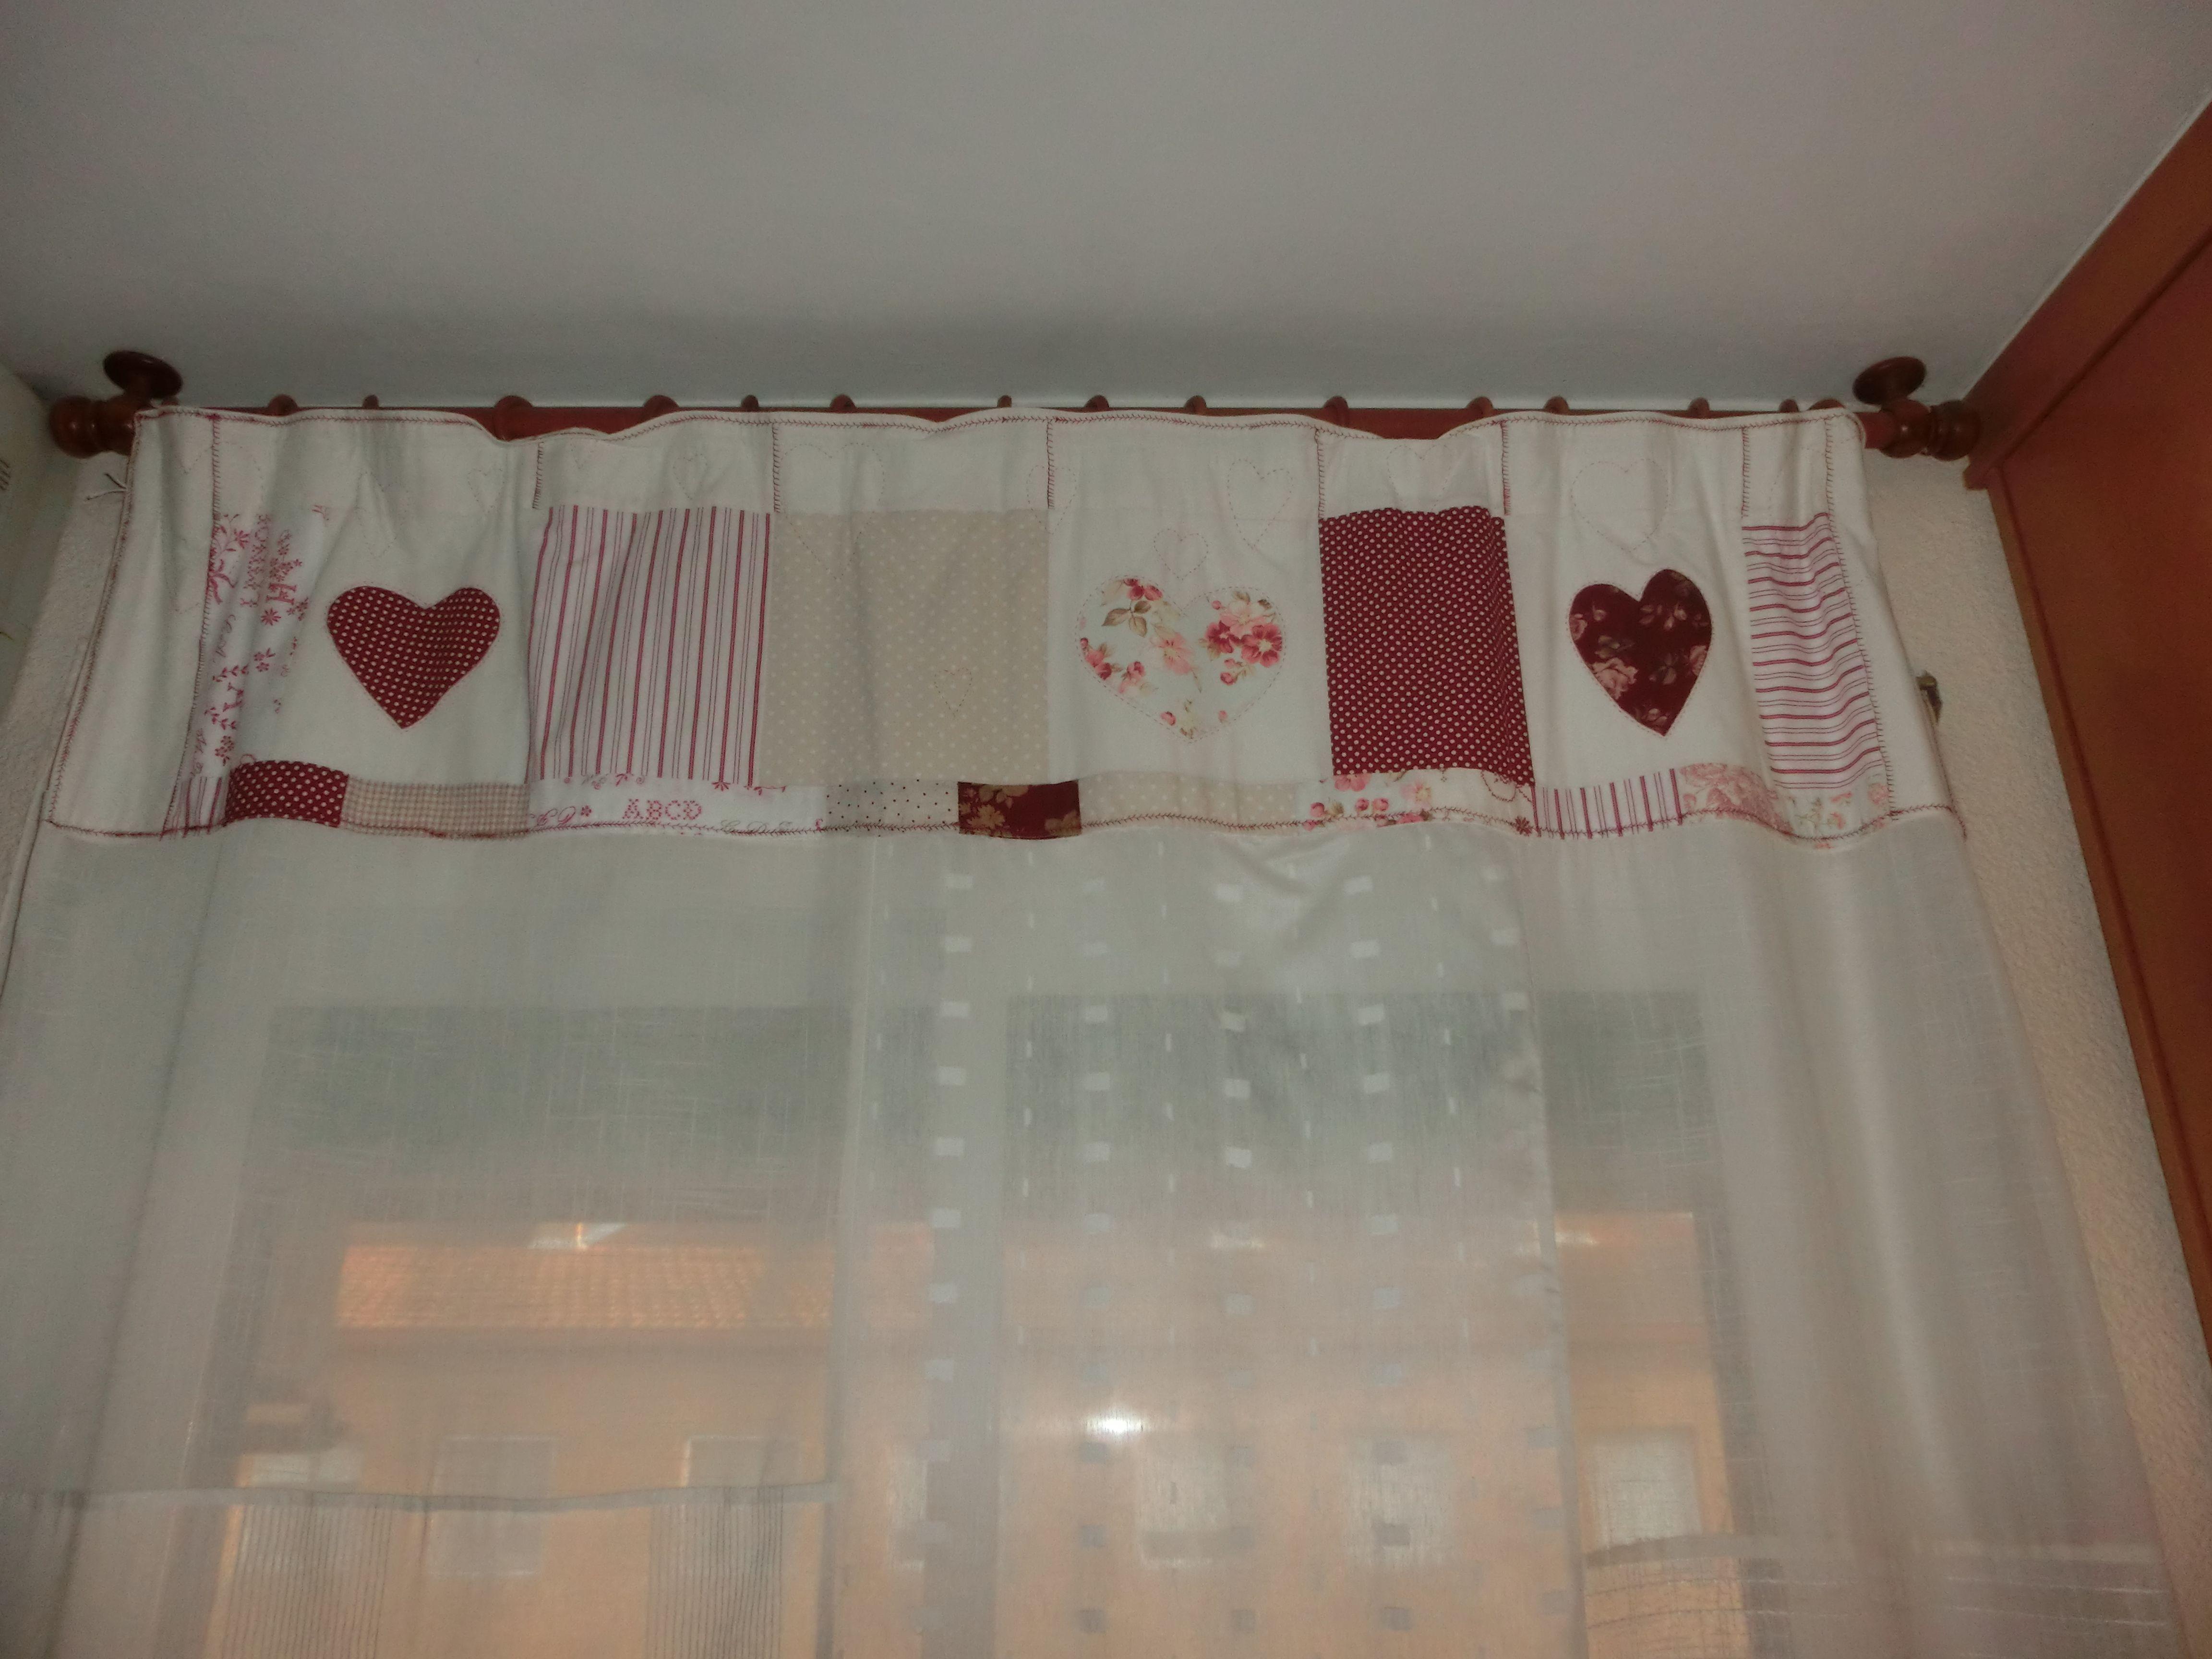 Aprovechando restales de cortinas y de telas.